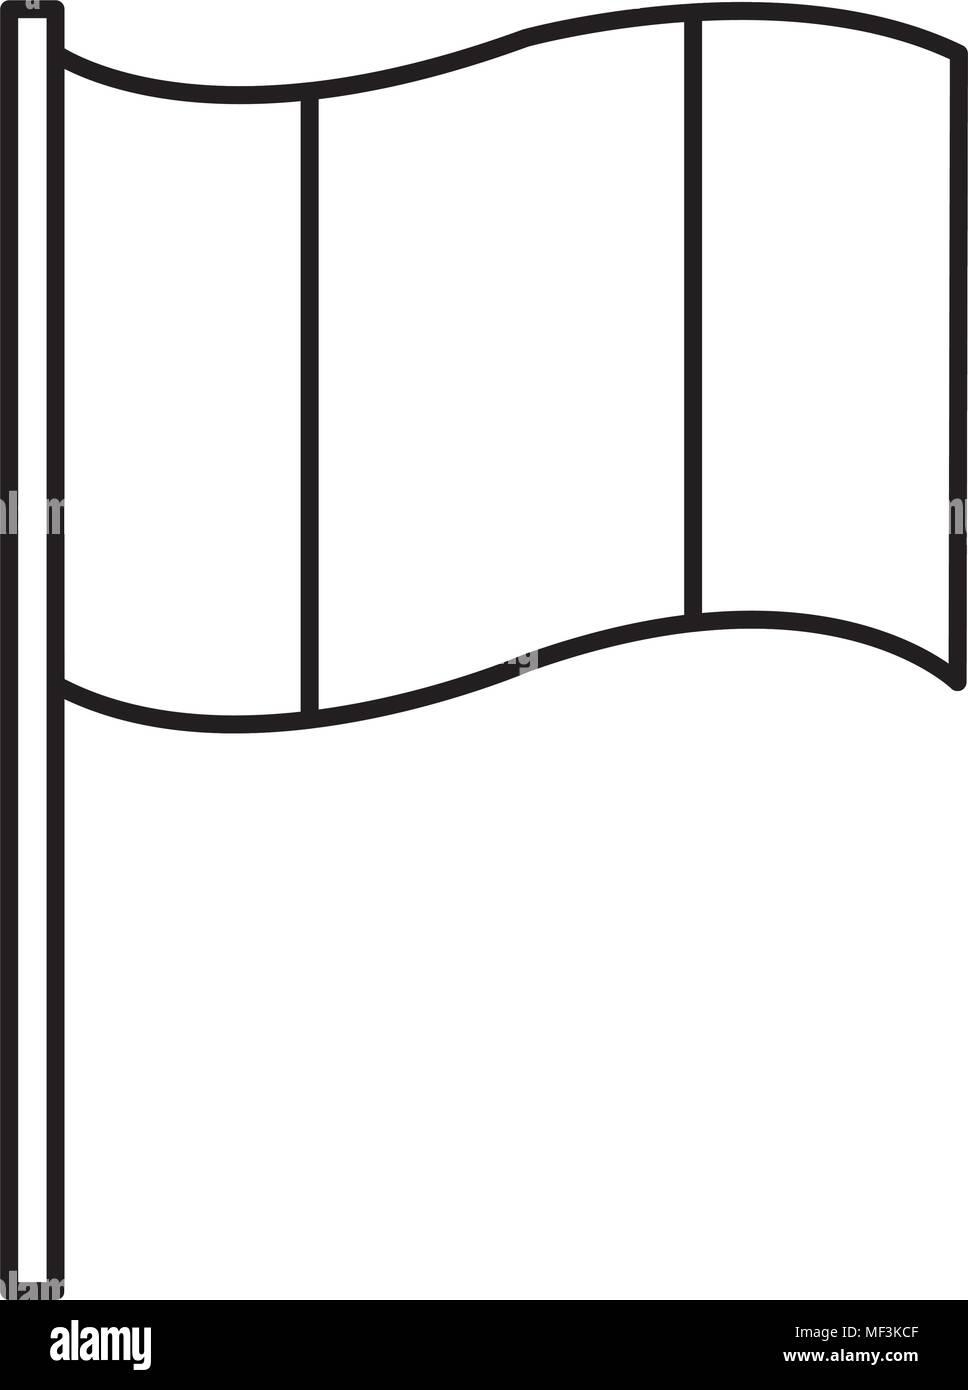 line flag national patriot symbol design vector illustration - Stock Image